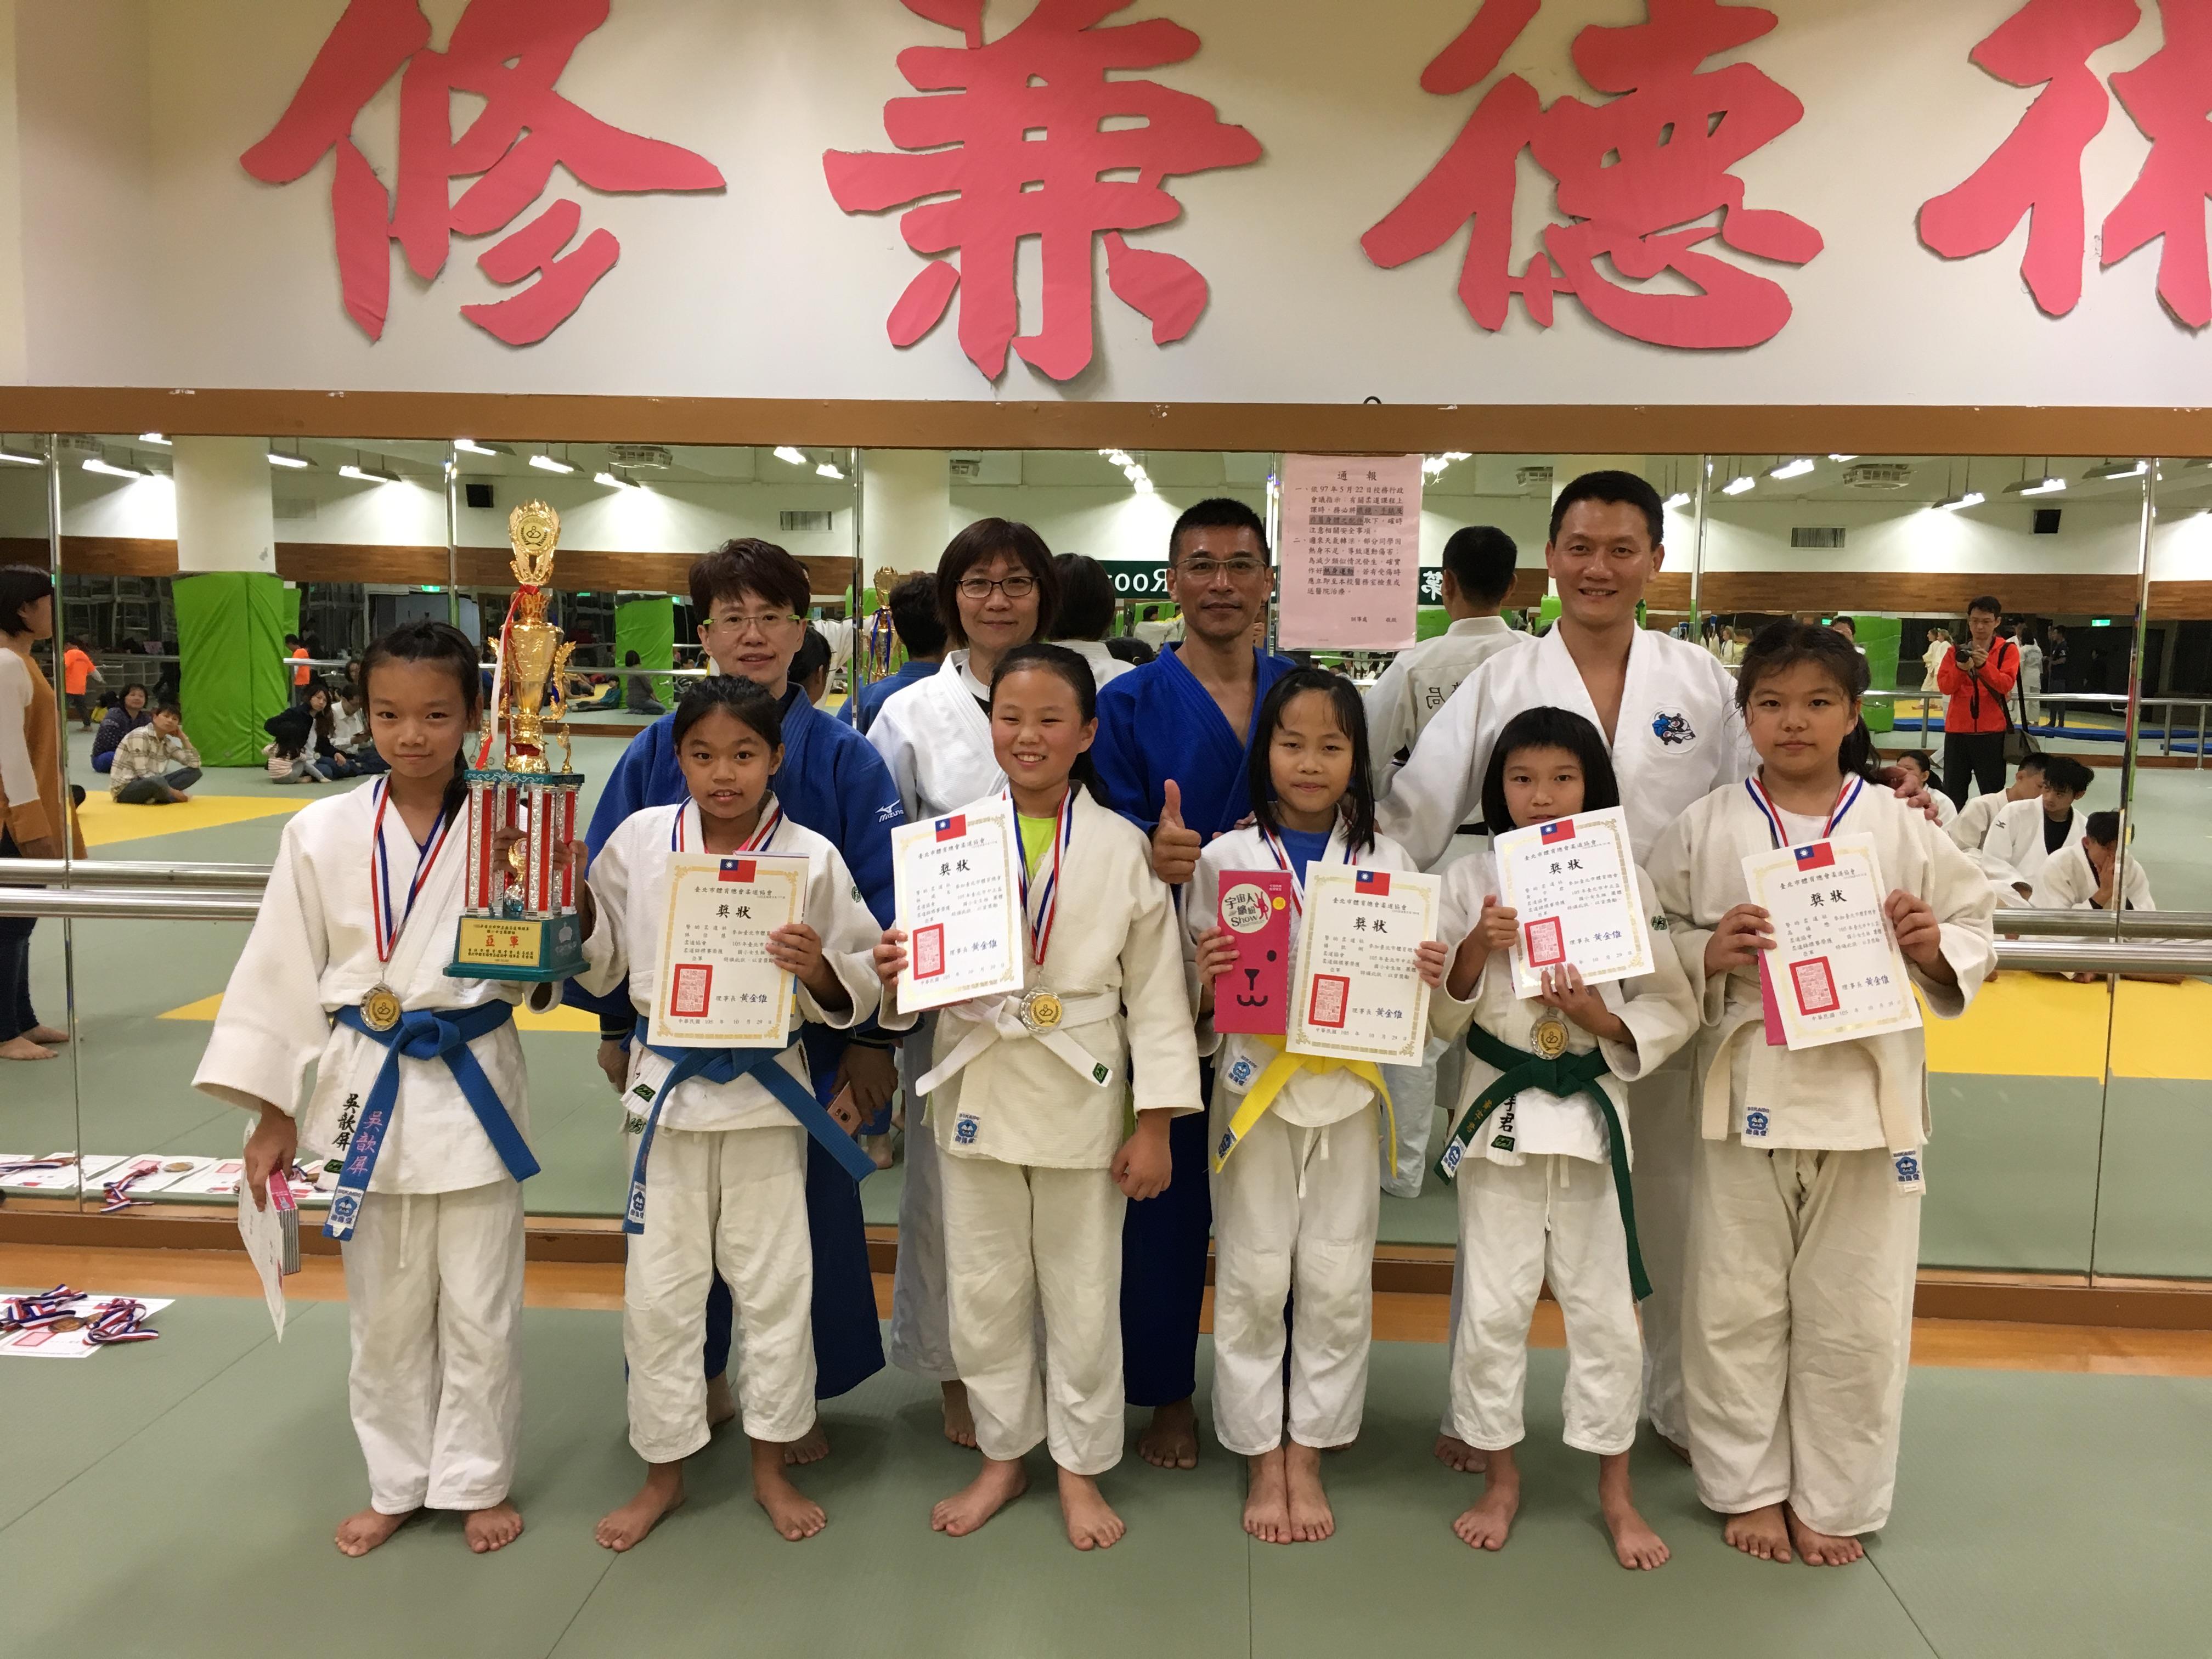 警幼柔道社在許多柔道比賽中,榮獲優異成績。攝影/羅紹齊